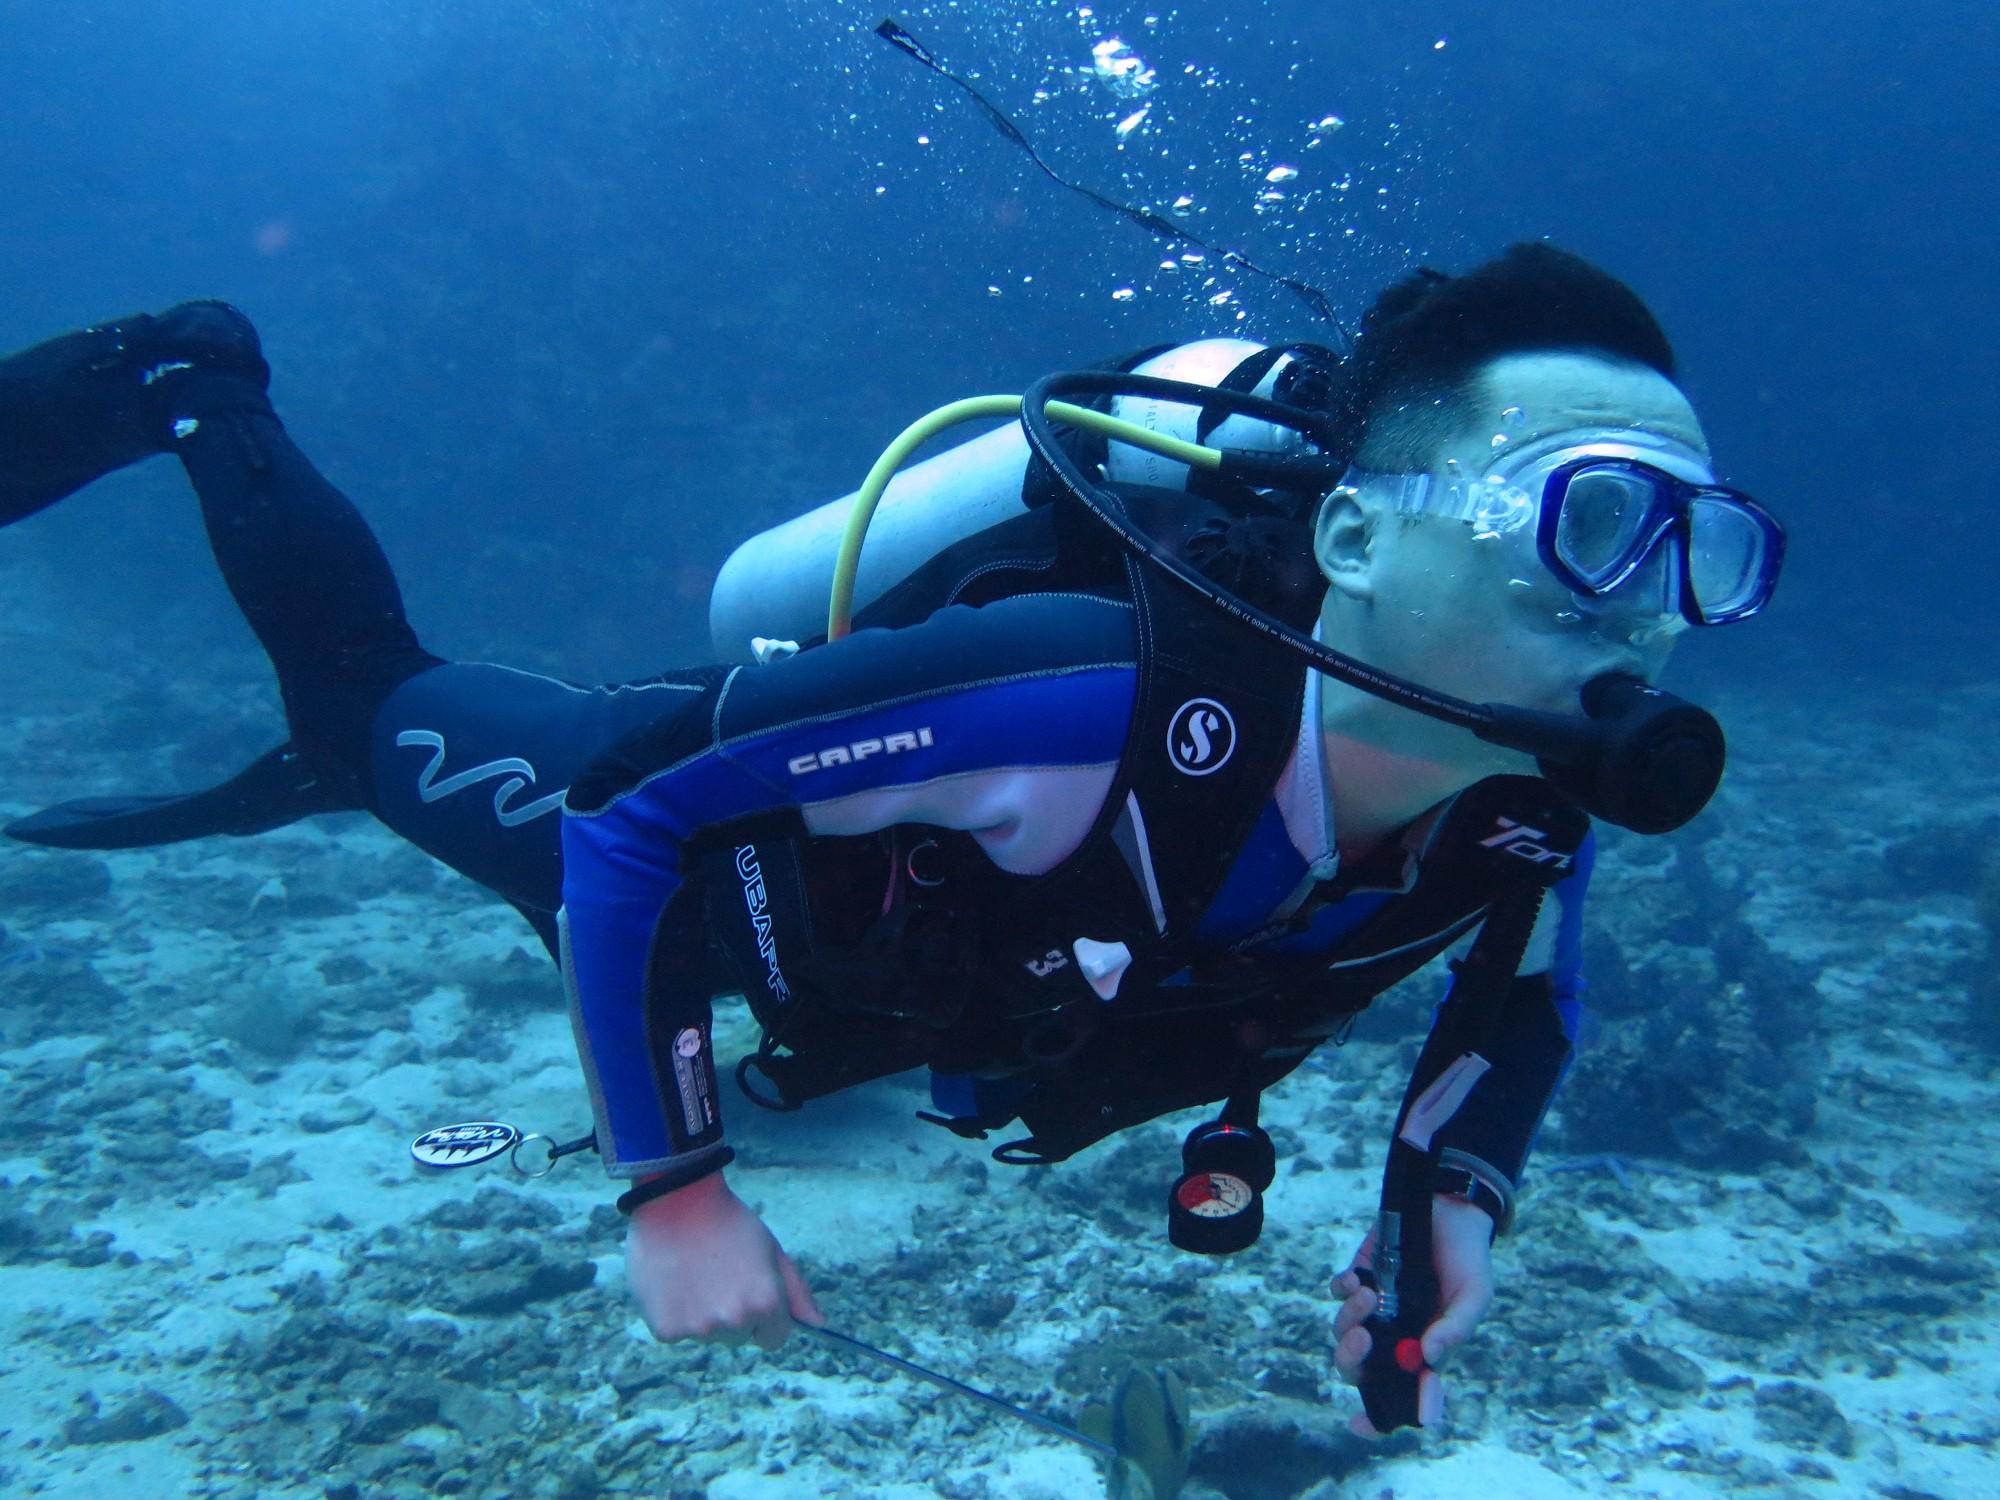 壁纸 海底 海底世界 海洋馆 水族馆 桌面 2000_1500